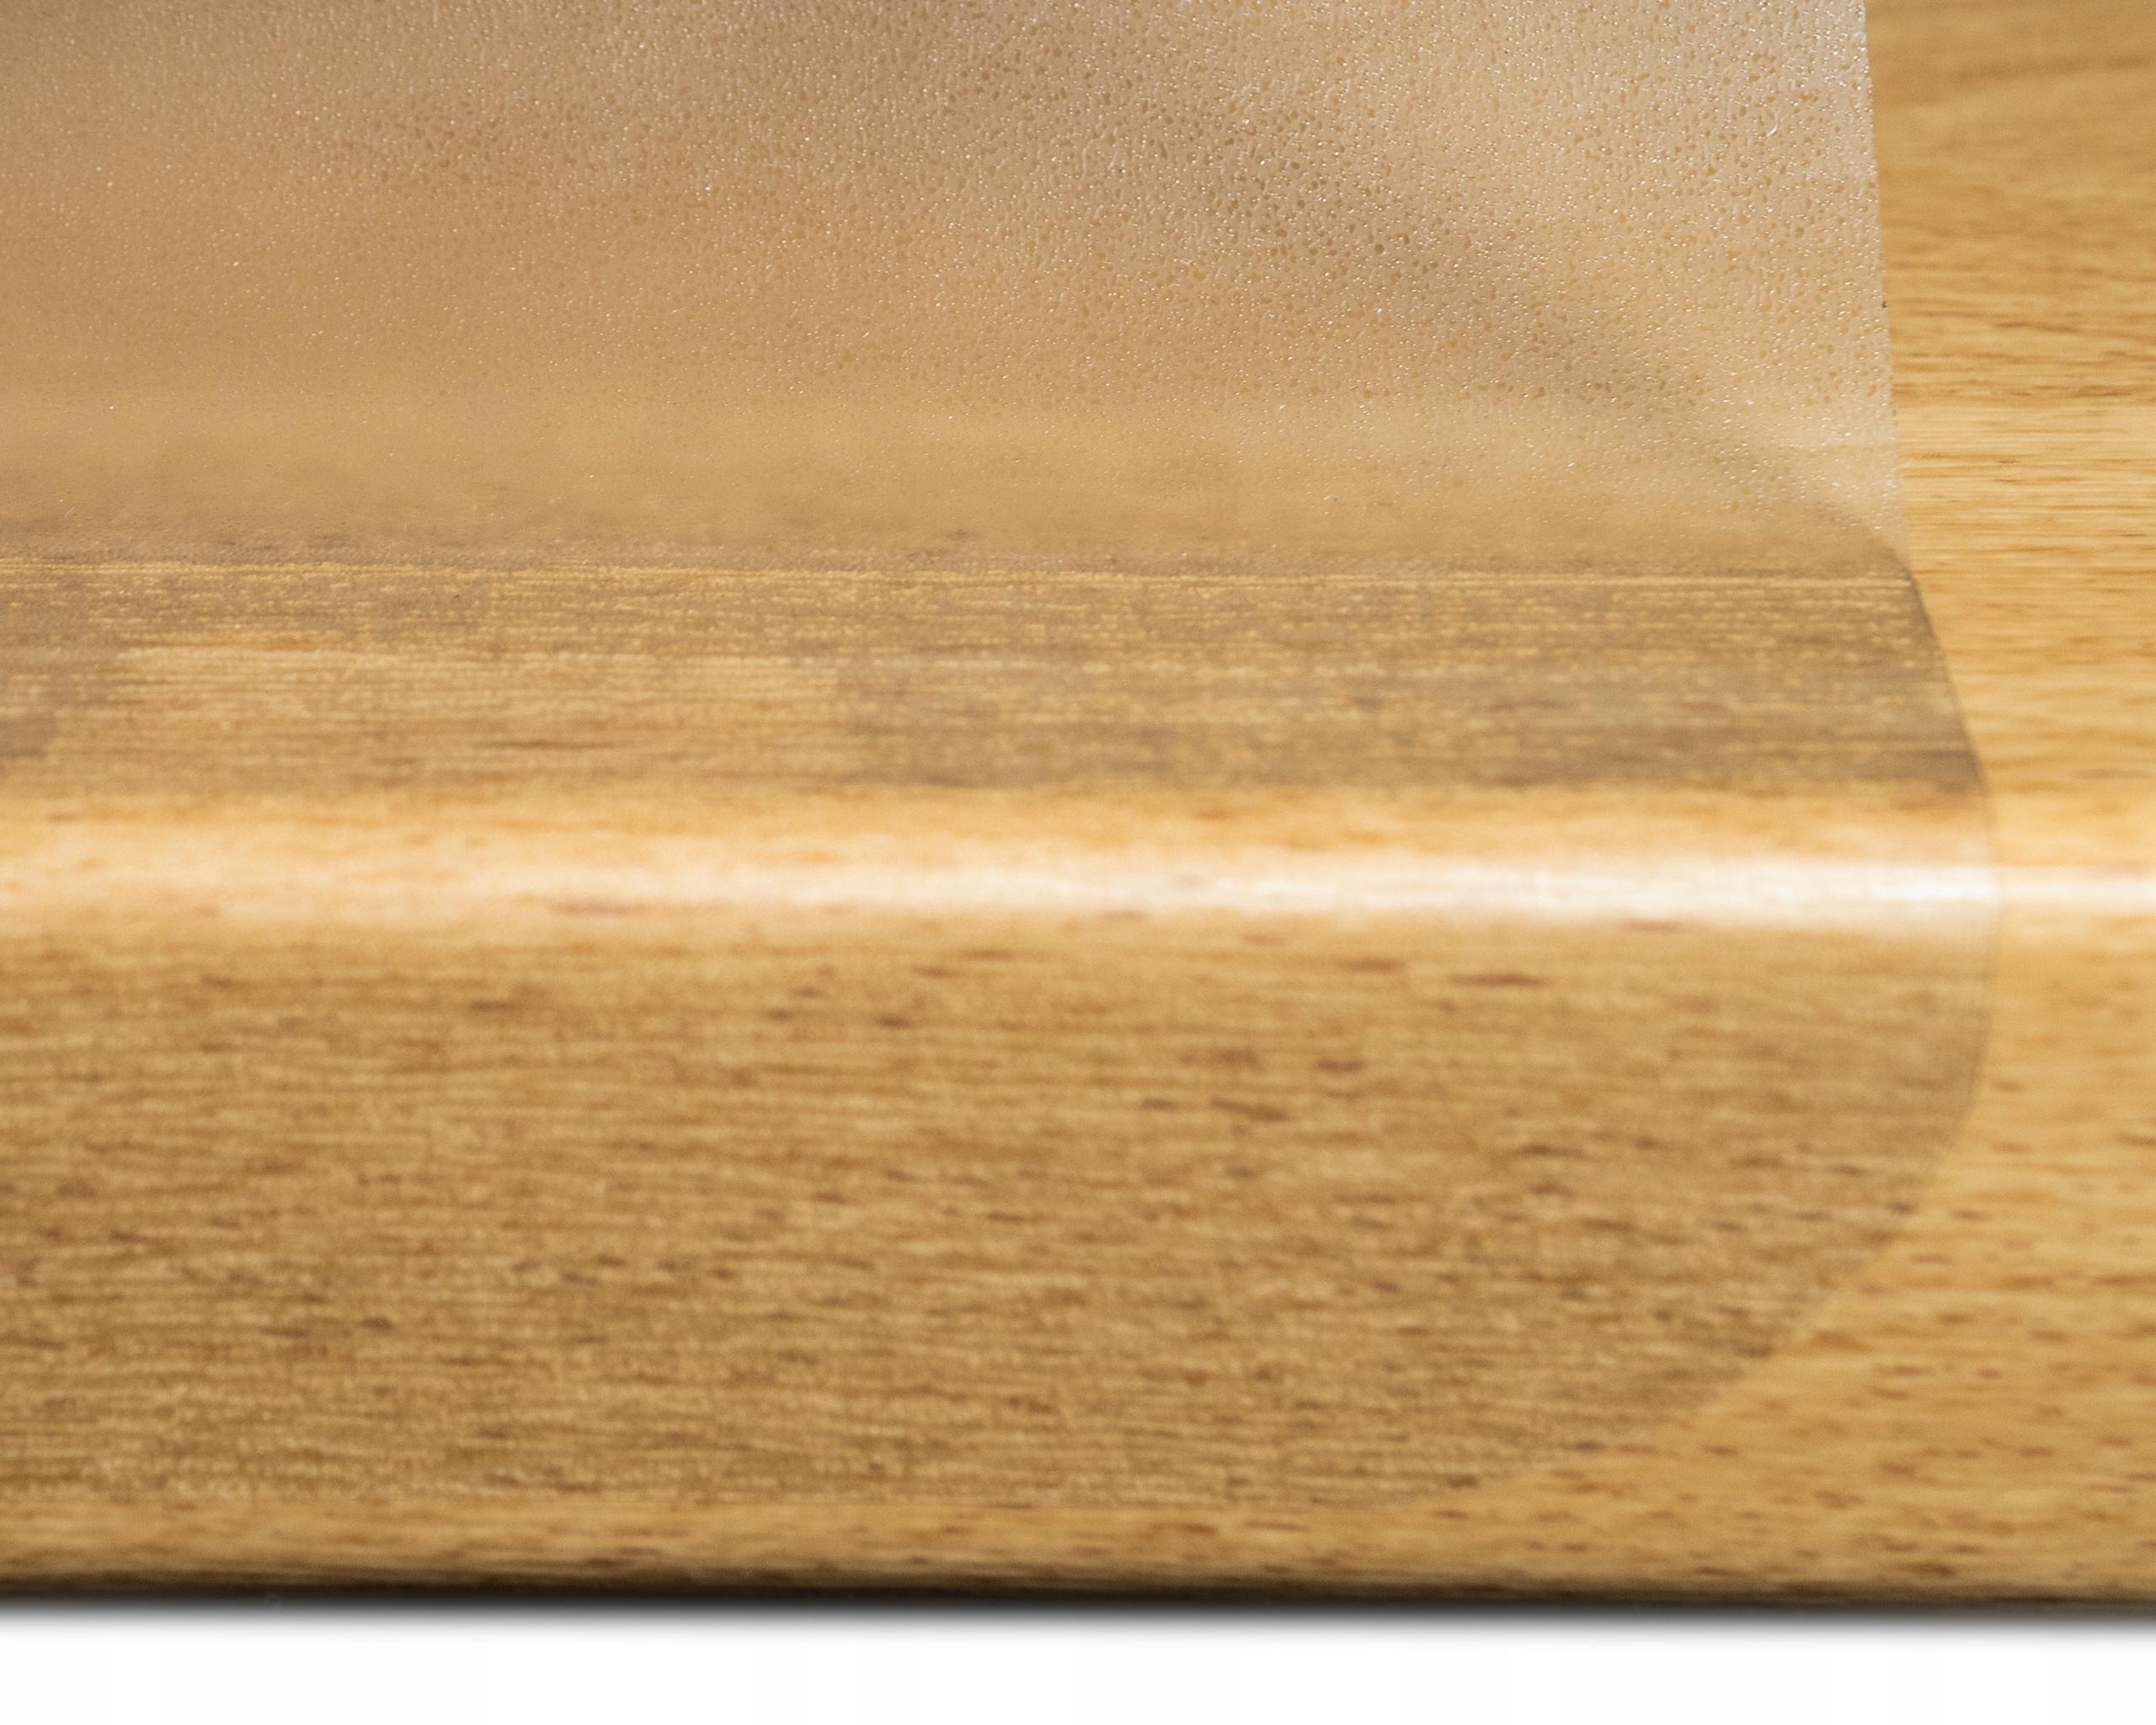 Прозрачная защитная накладка 20х60 эко лестница